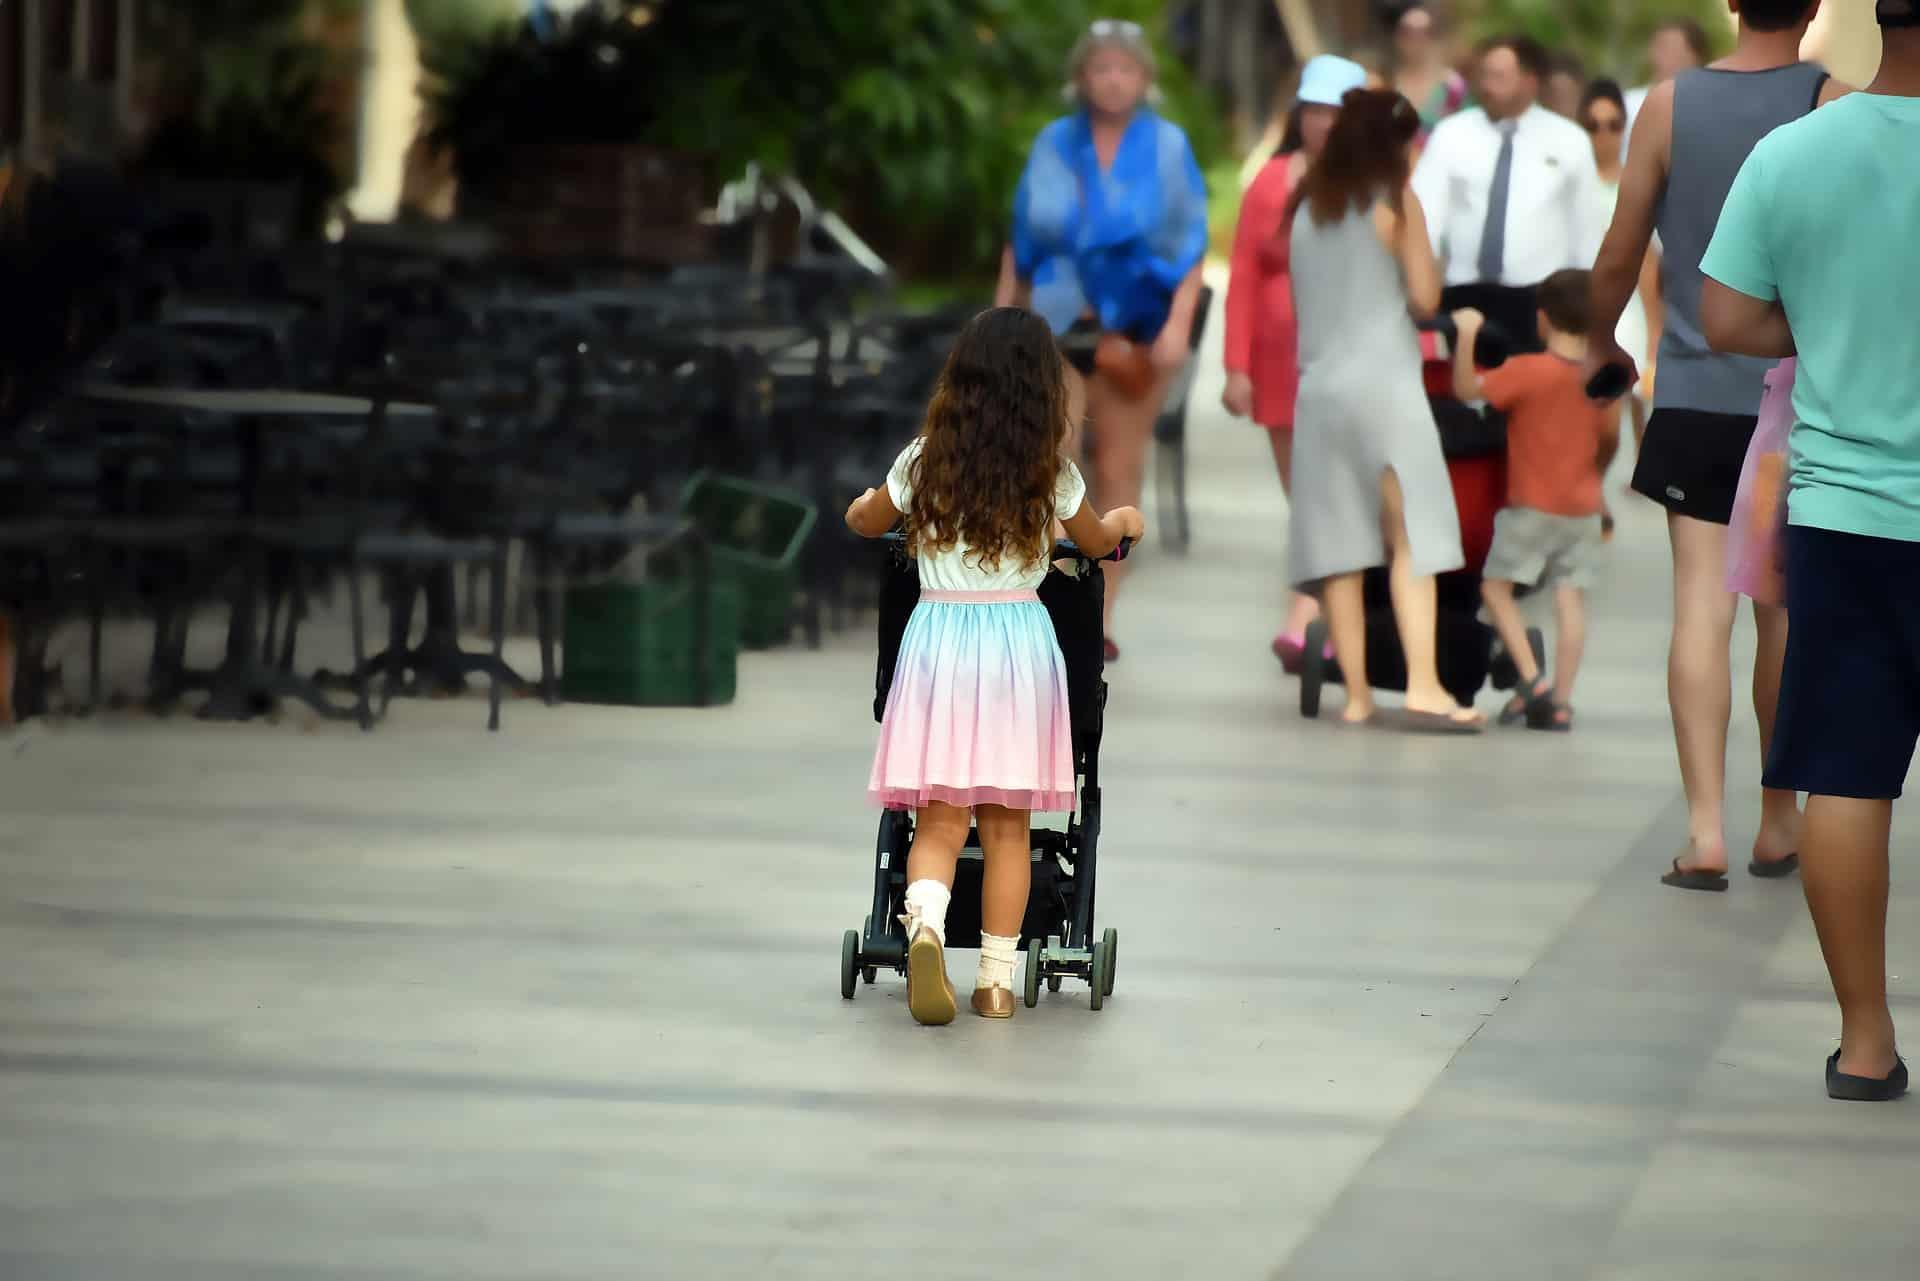 דגש על תשומת ליבם של הילדים, צילום אילוסטרציה